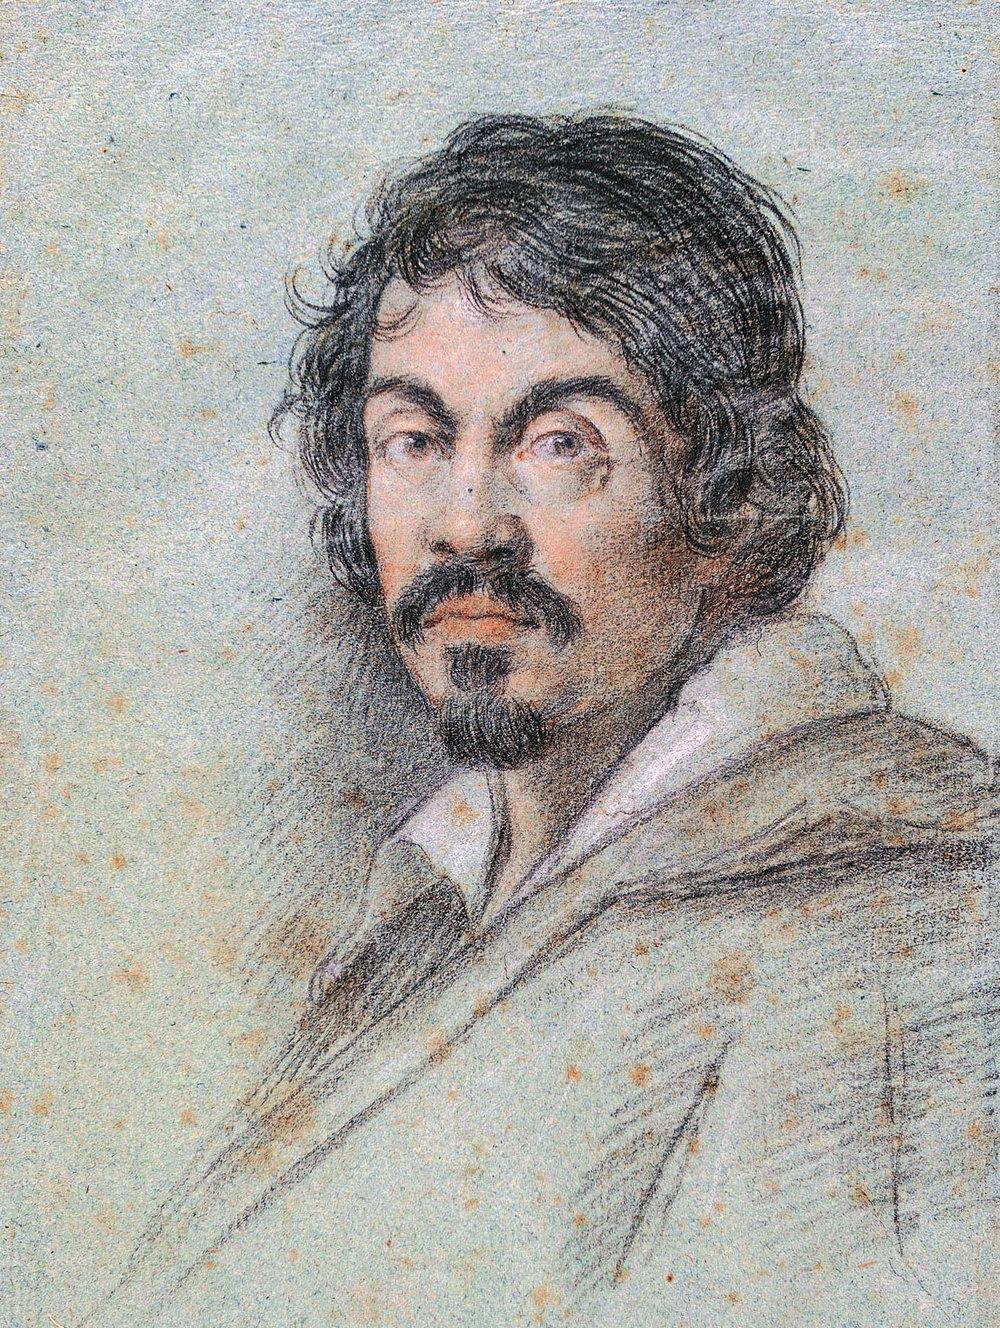 Caravaggio (c. 1621) by Ottavio Leoni, public domain from Wikimedia.